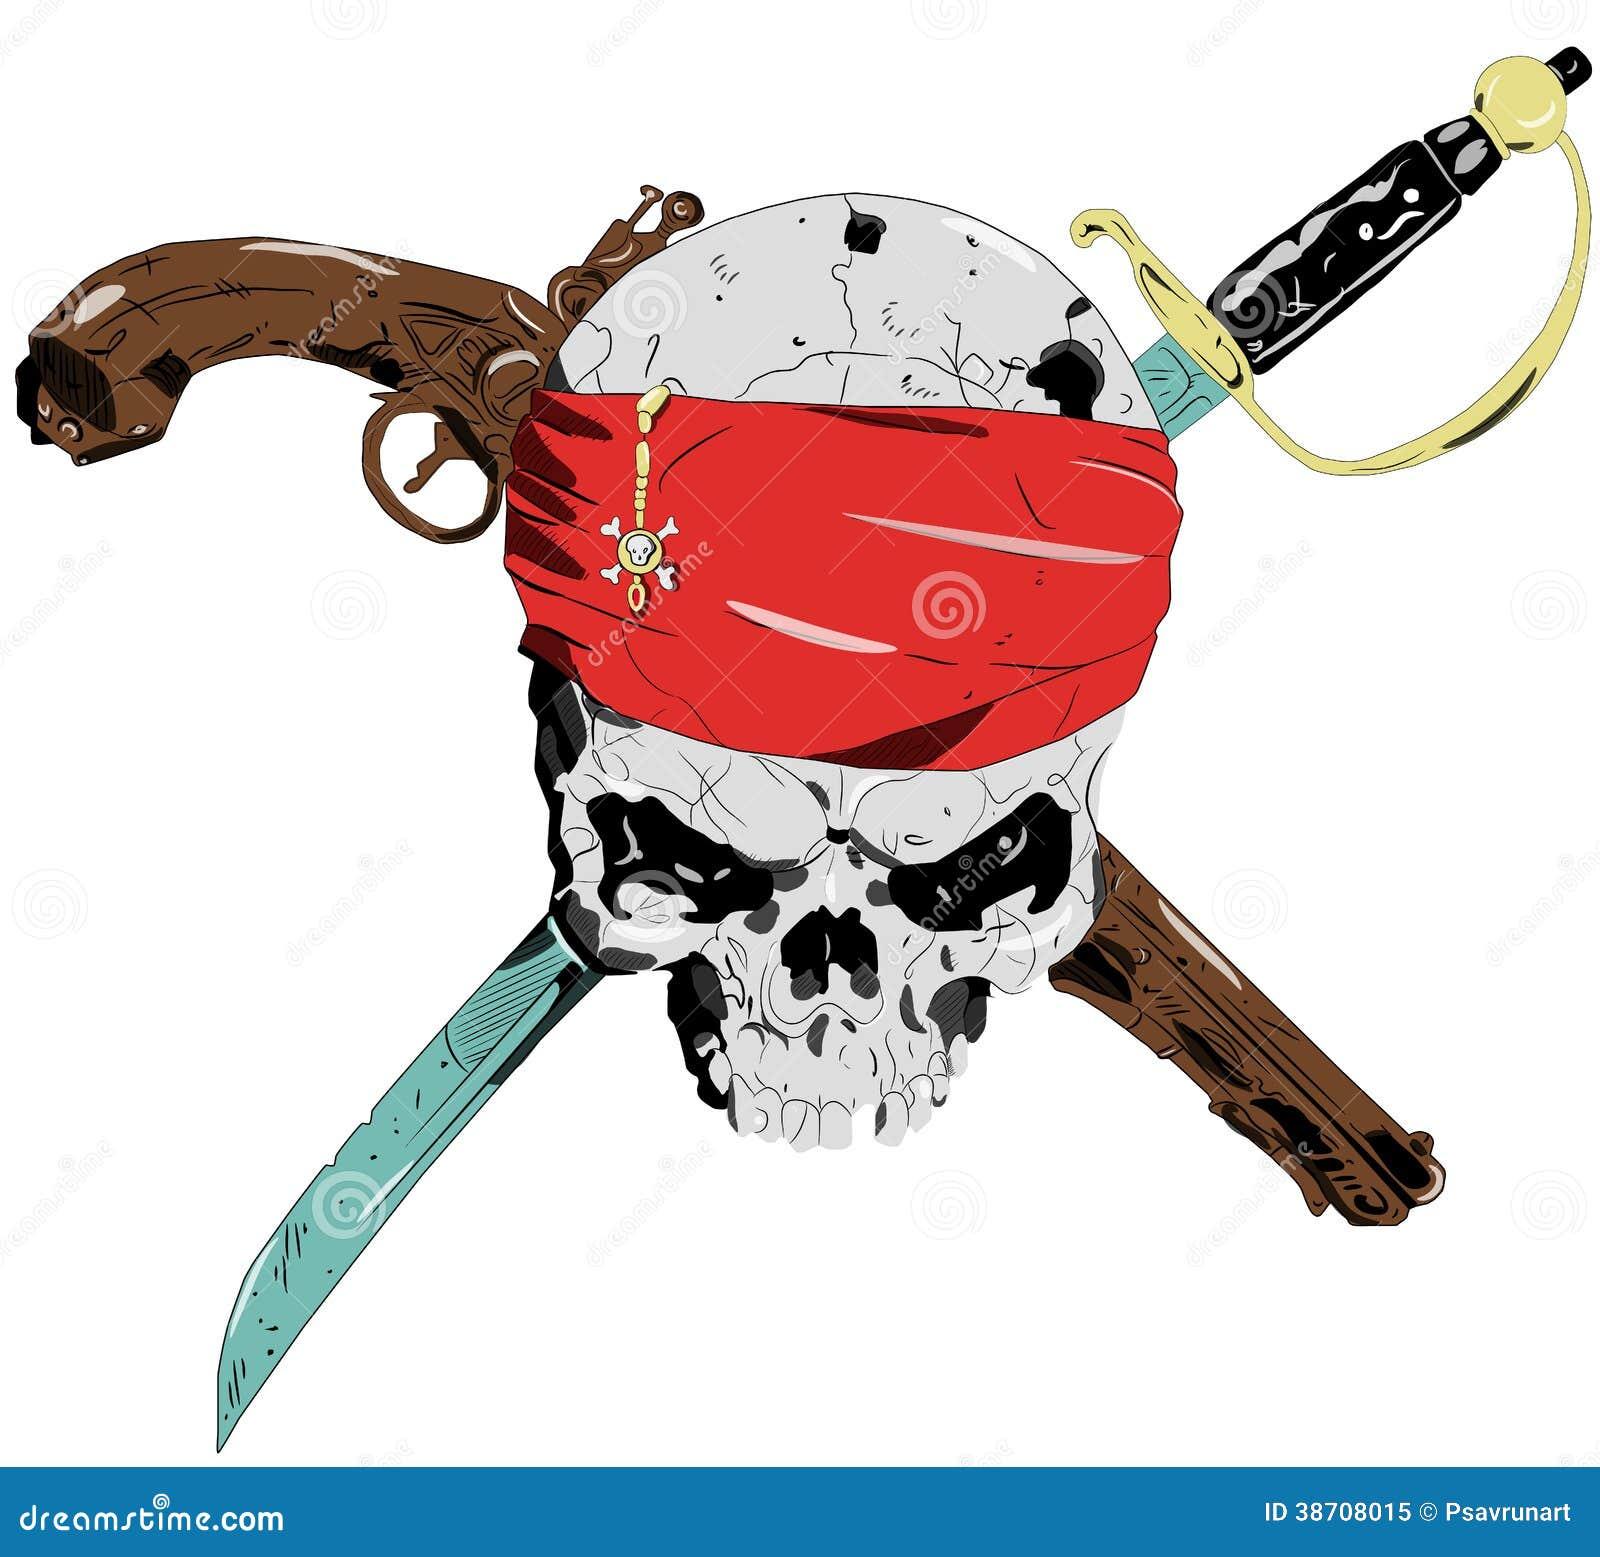 Pirate skull and guns - photo#11